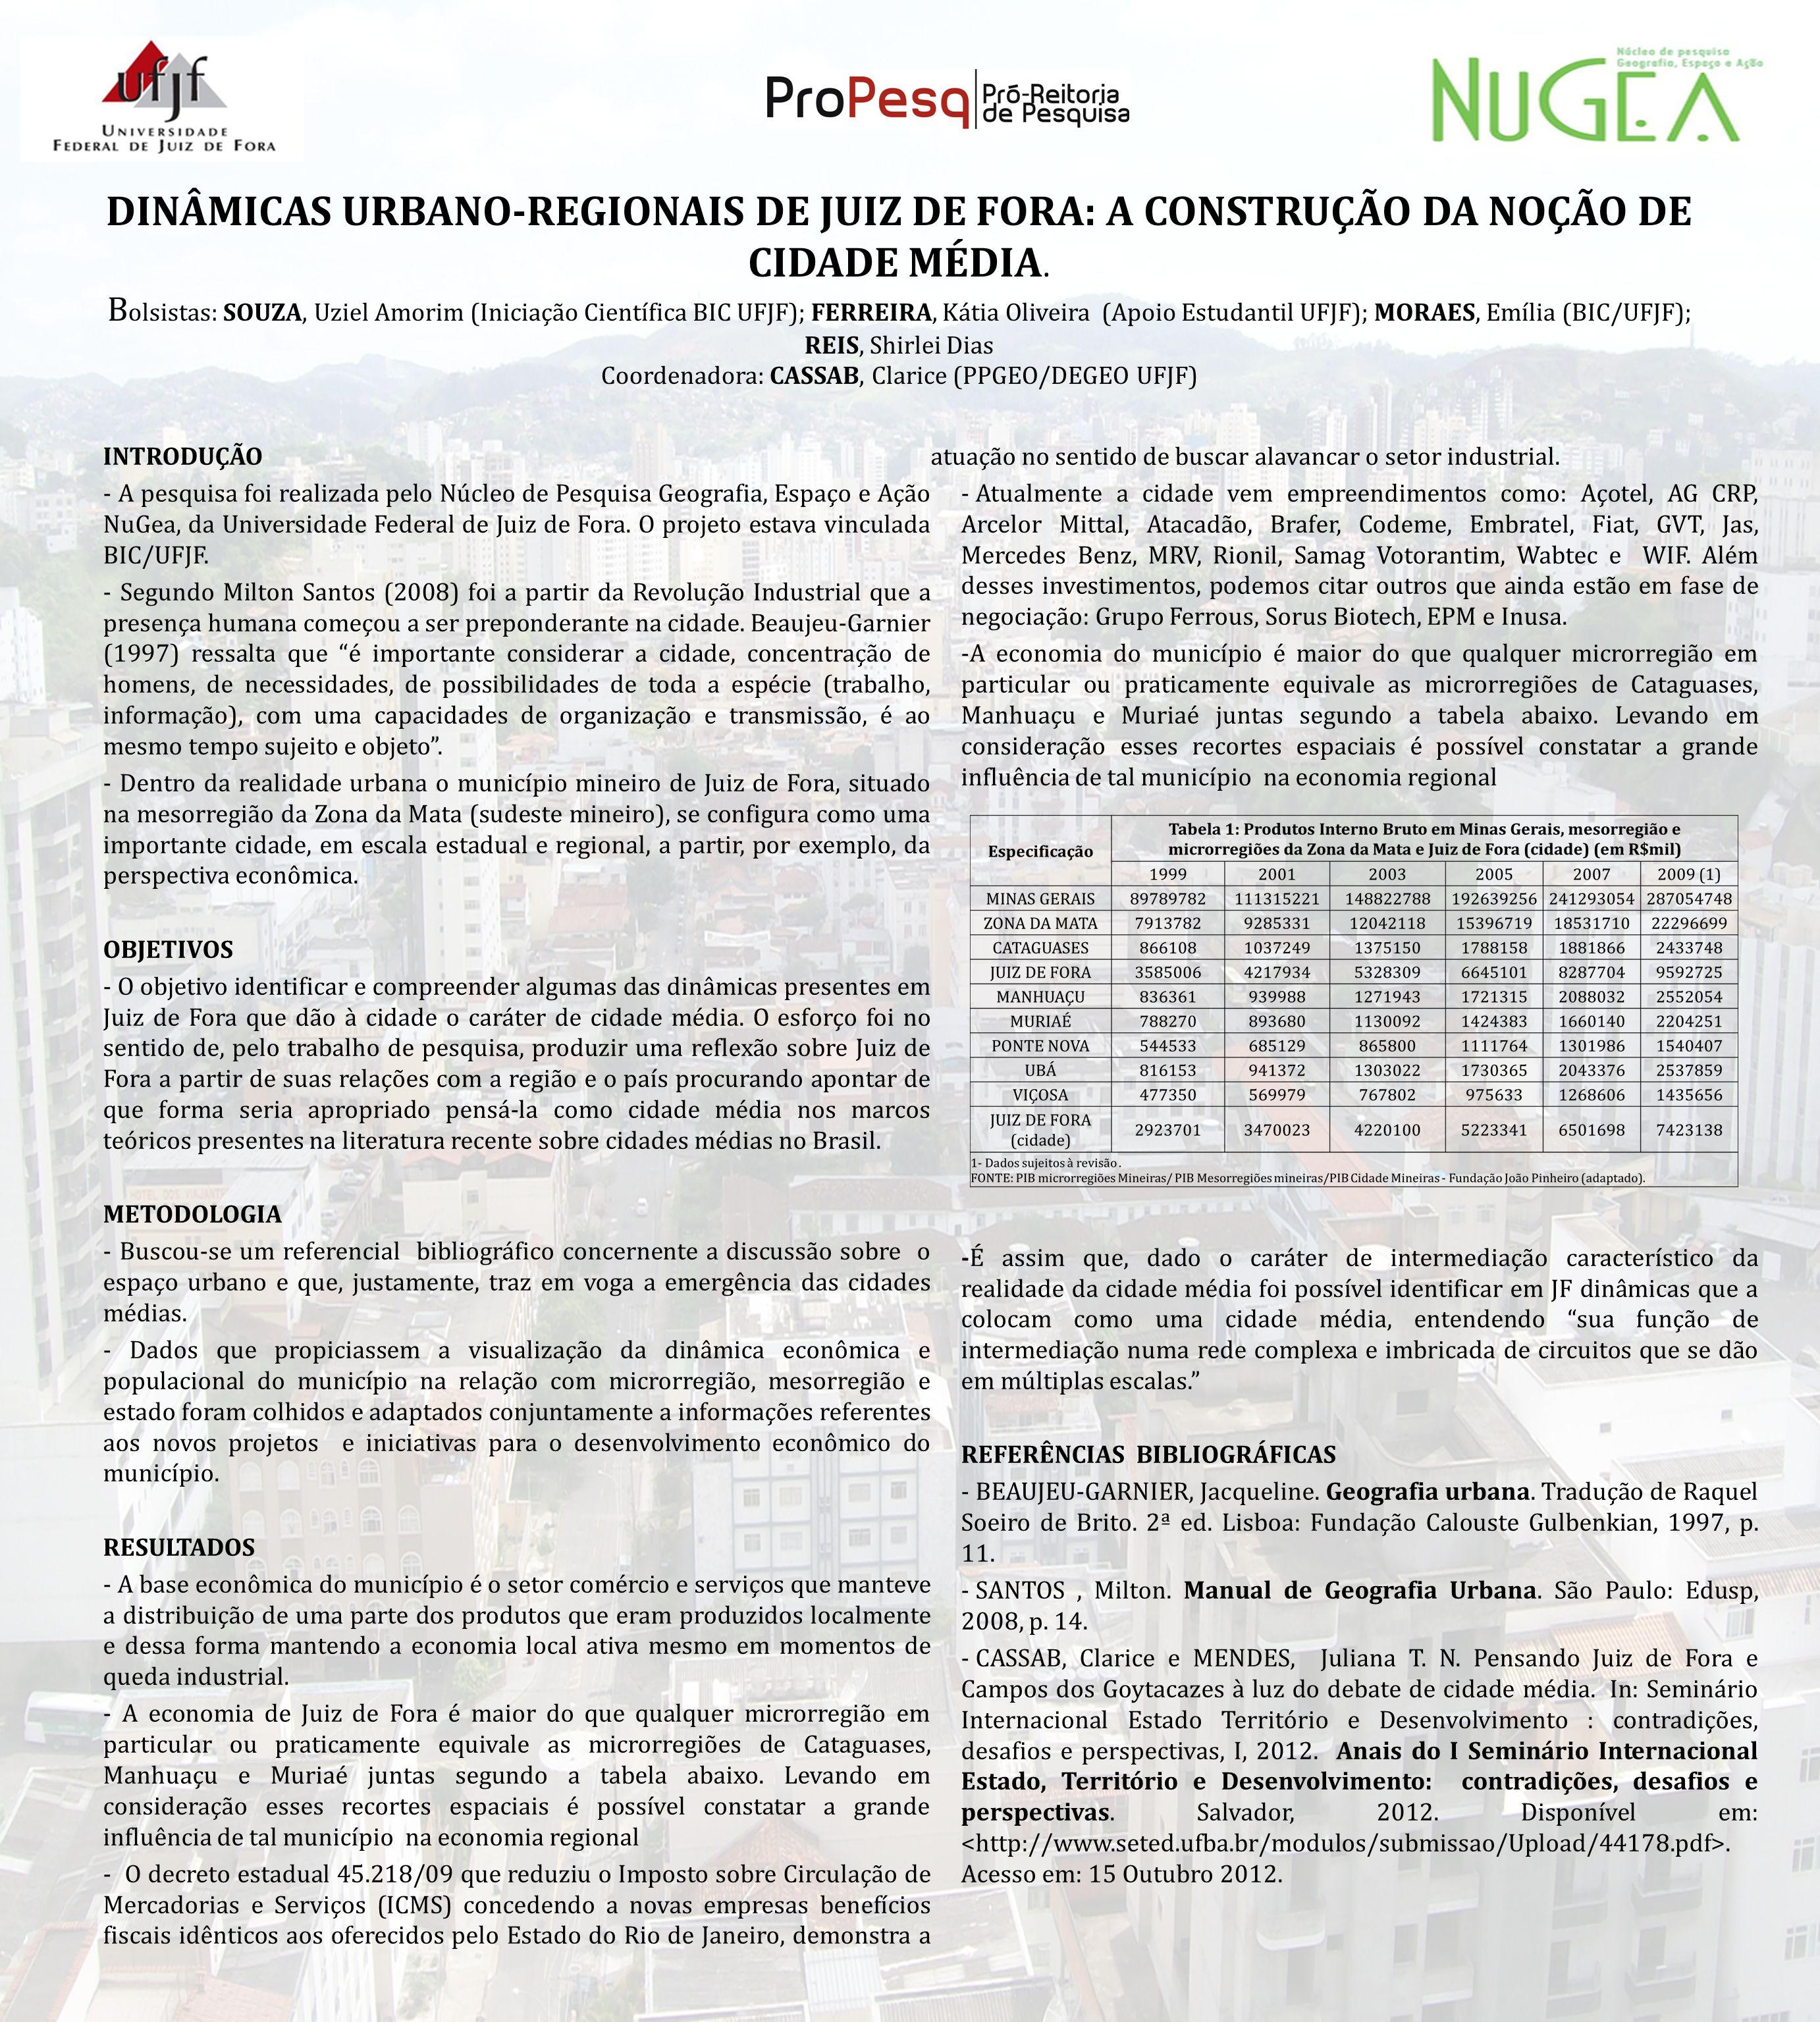 DINÂMICAS URBANO-REGIONAIS DE JUIZ DE FORA: A CONSTRUÇÃO DA NOÇÃO DE CIDADE MÉDIA. Bolsistas: SOUZA, Uziel Amorim (Iniciação Científica BIC UFJF); FERREIRA, Kátia Oliveira (Apoio Estudantil UFJF); MORAES, Emília (BIC/UFJF); REIS, Shirlei Dias Coordenadora: CASSAB, Clarice (PPGEO/DEGEO UFJF)